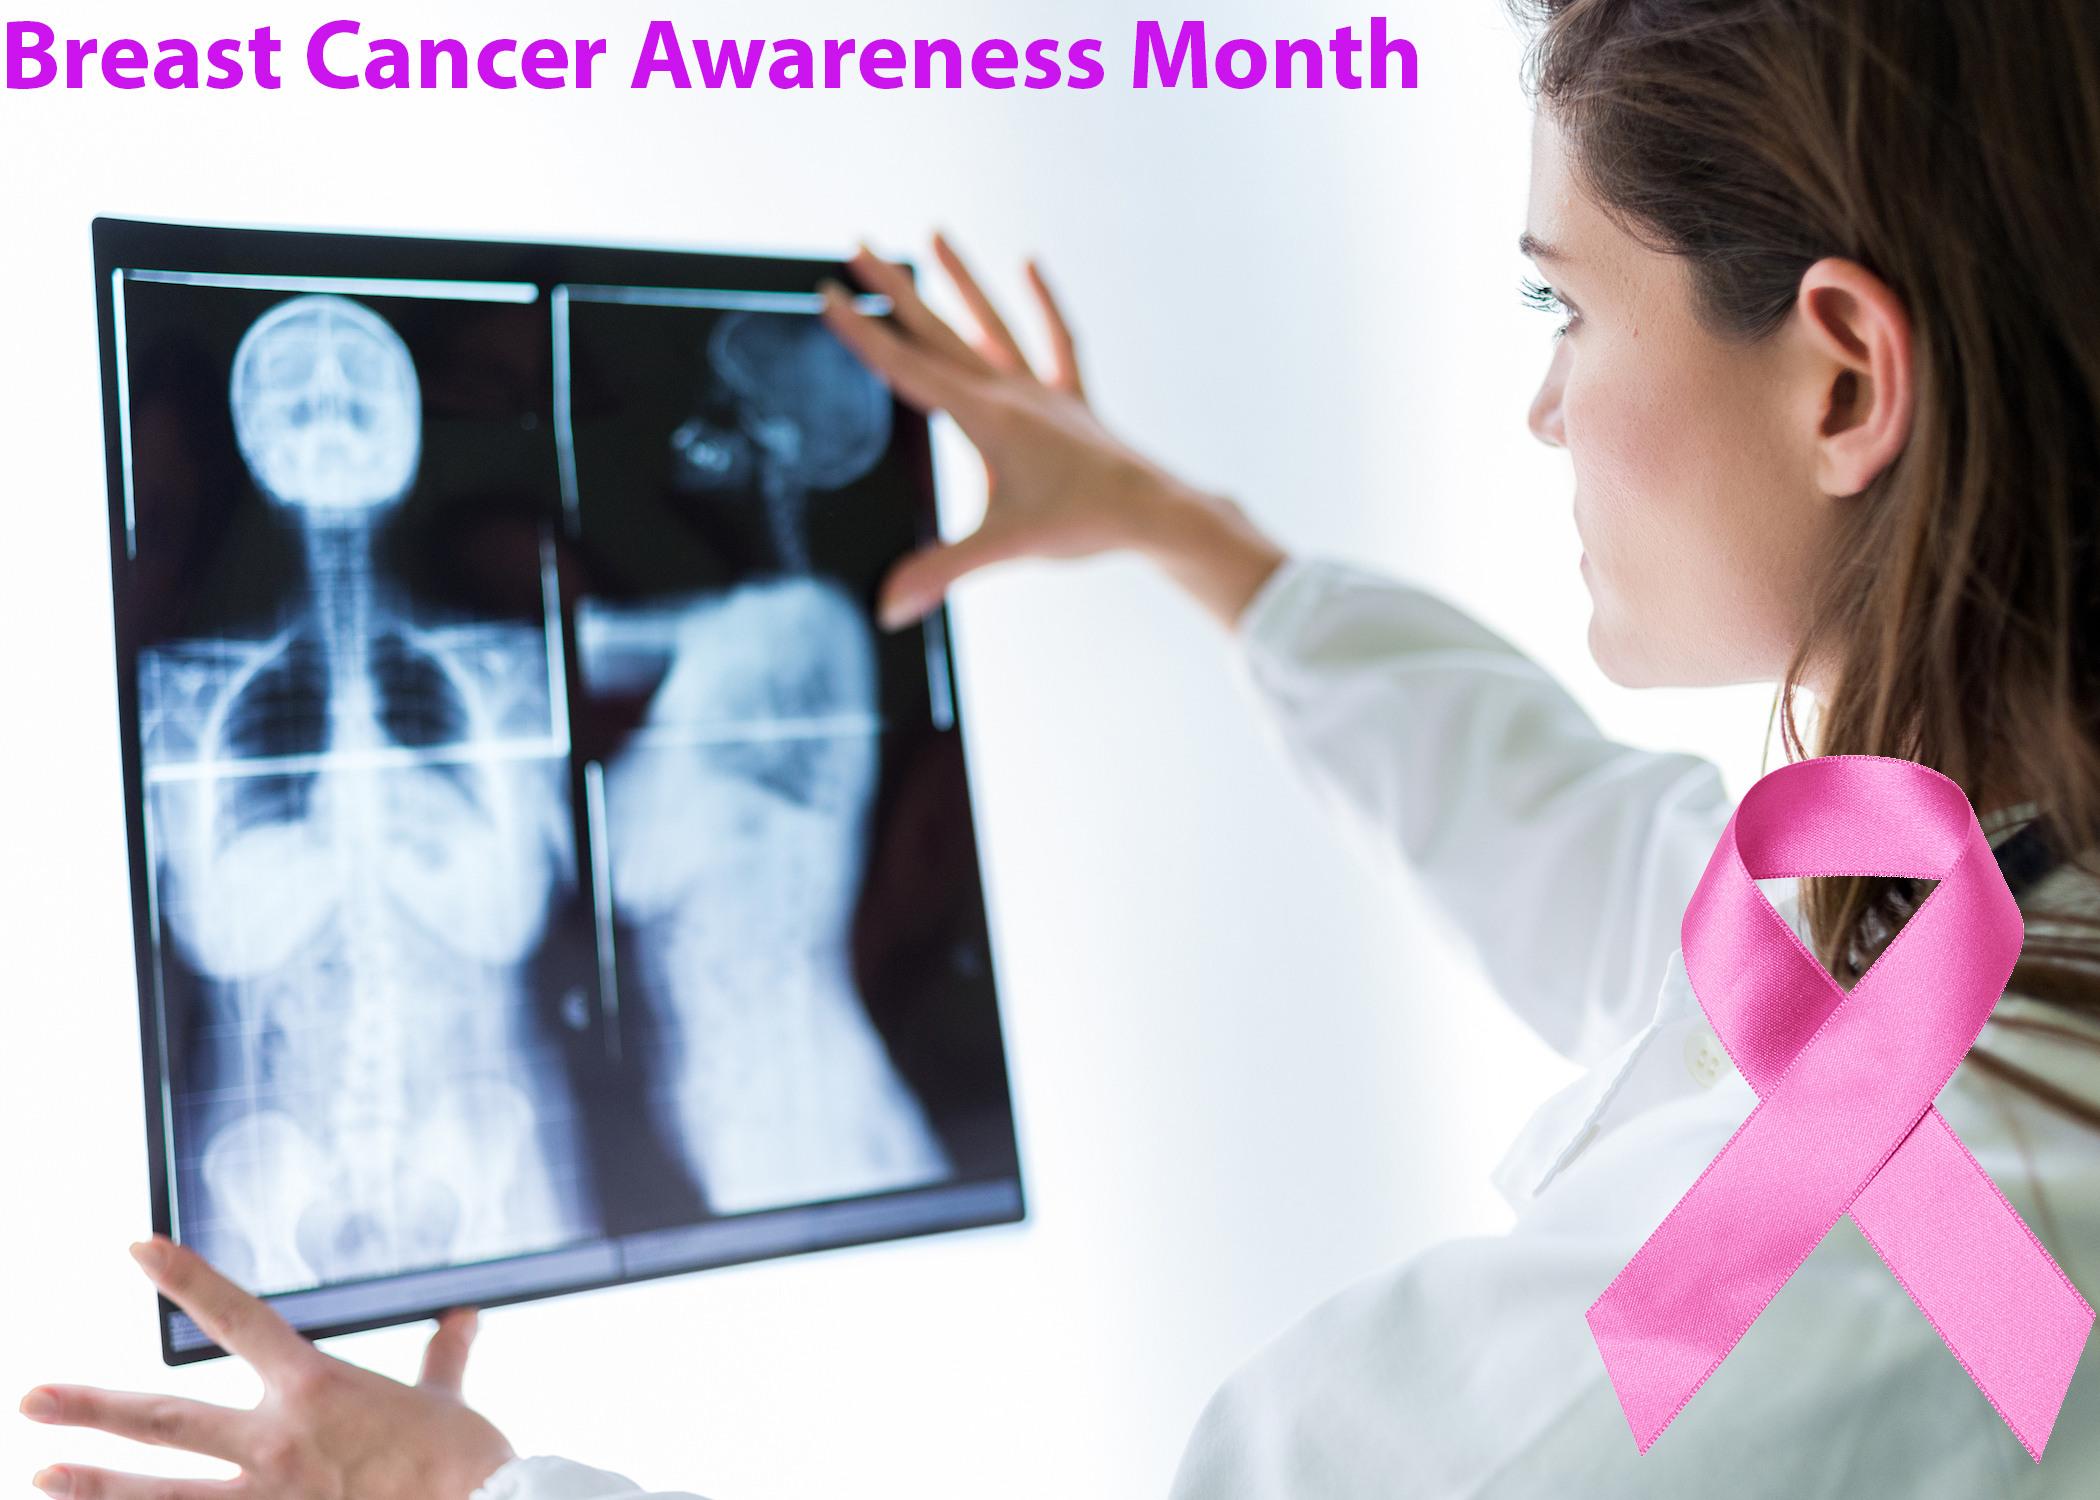 Non-invasive breast cancer